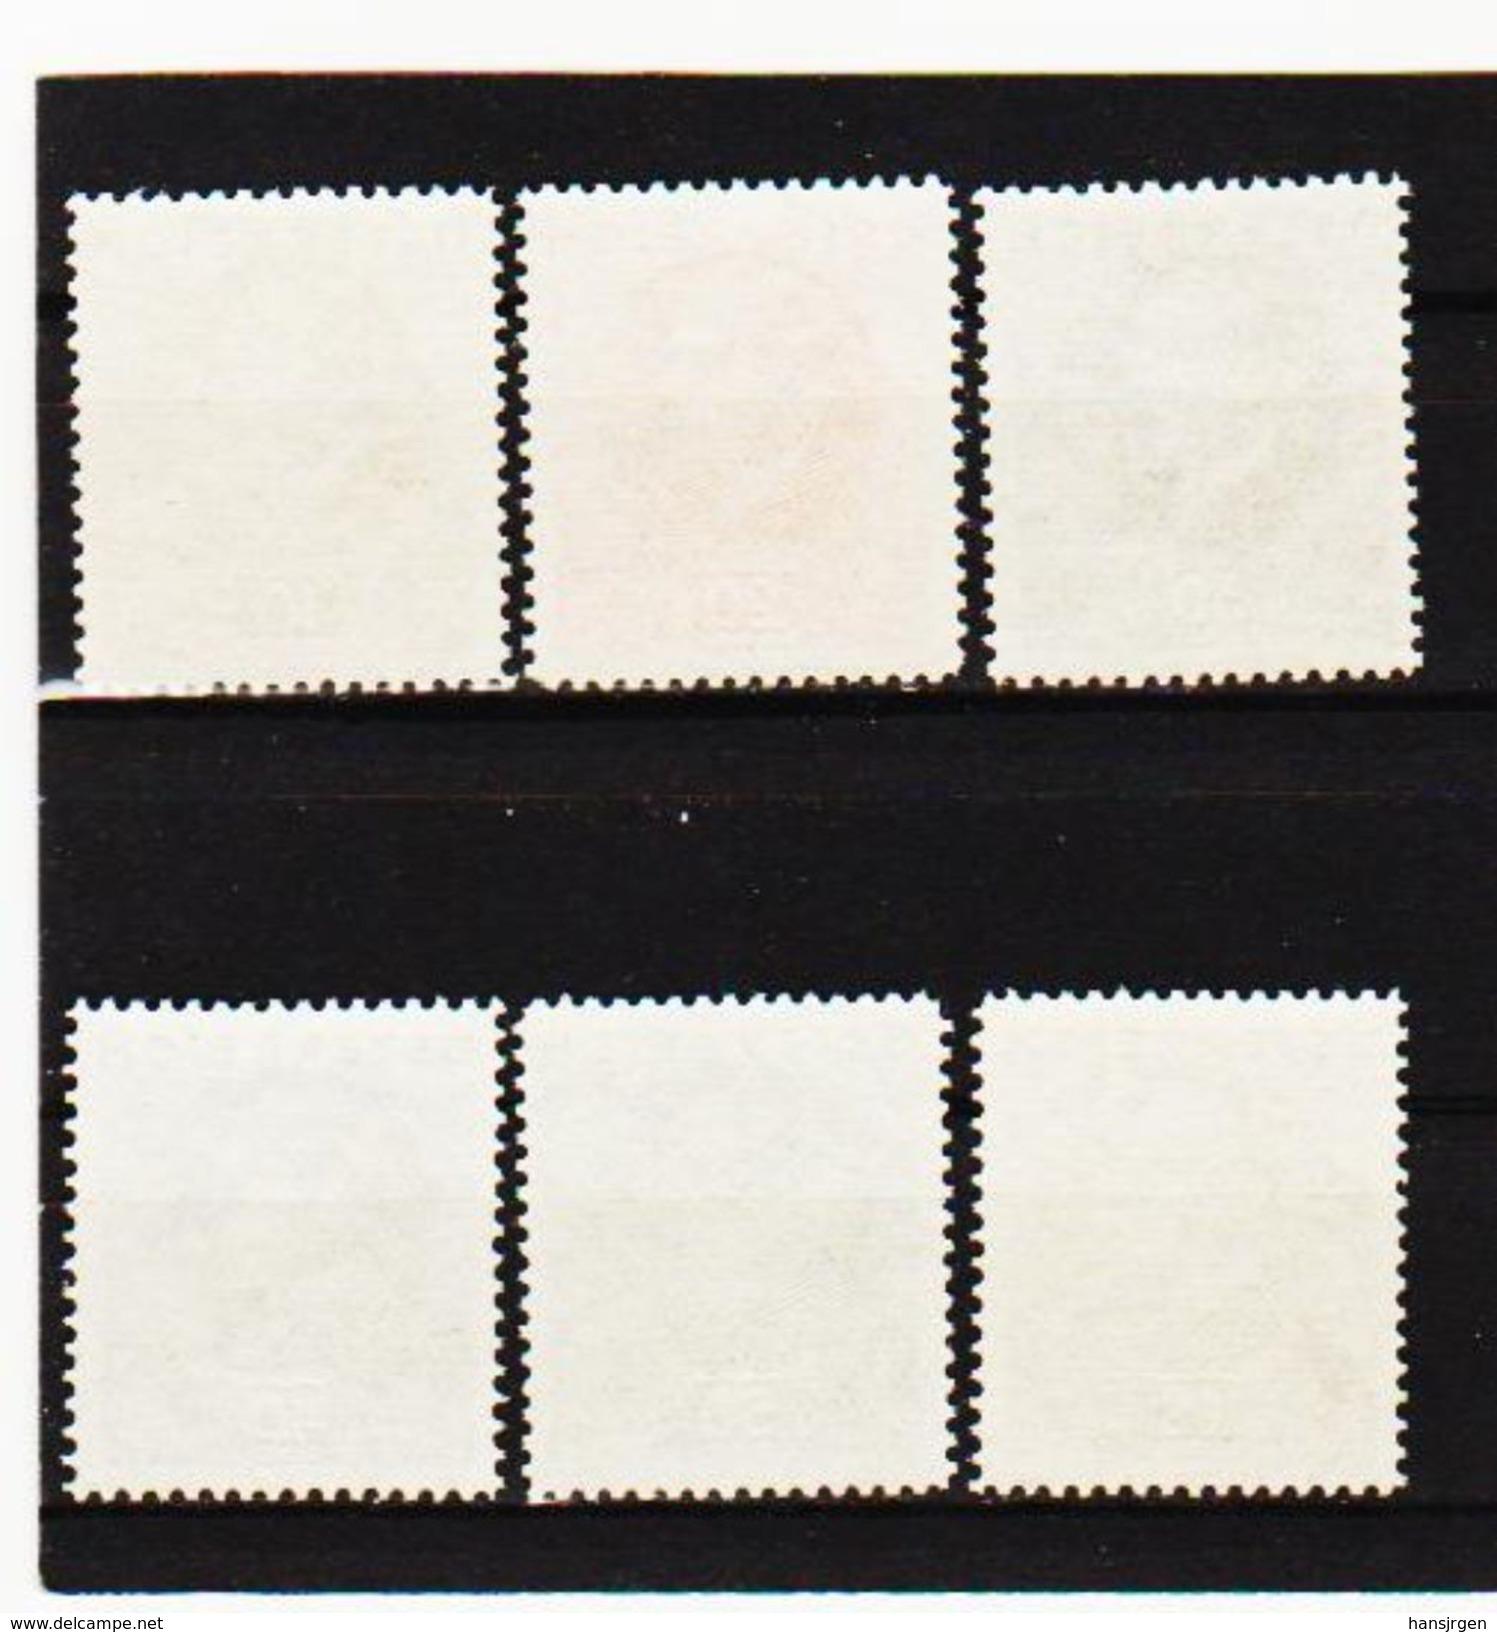 MAG1088 AUSTRIA ÖSTERREICH 1930 Michl 512/17  ** Postfrisch Siehe ABBILDUNG - Ungebraucht